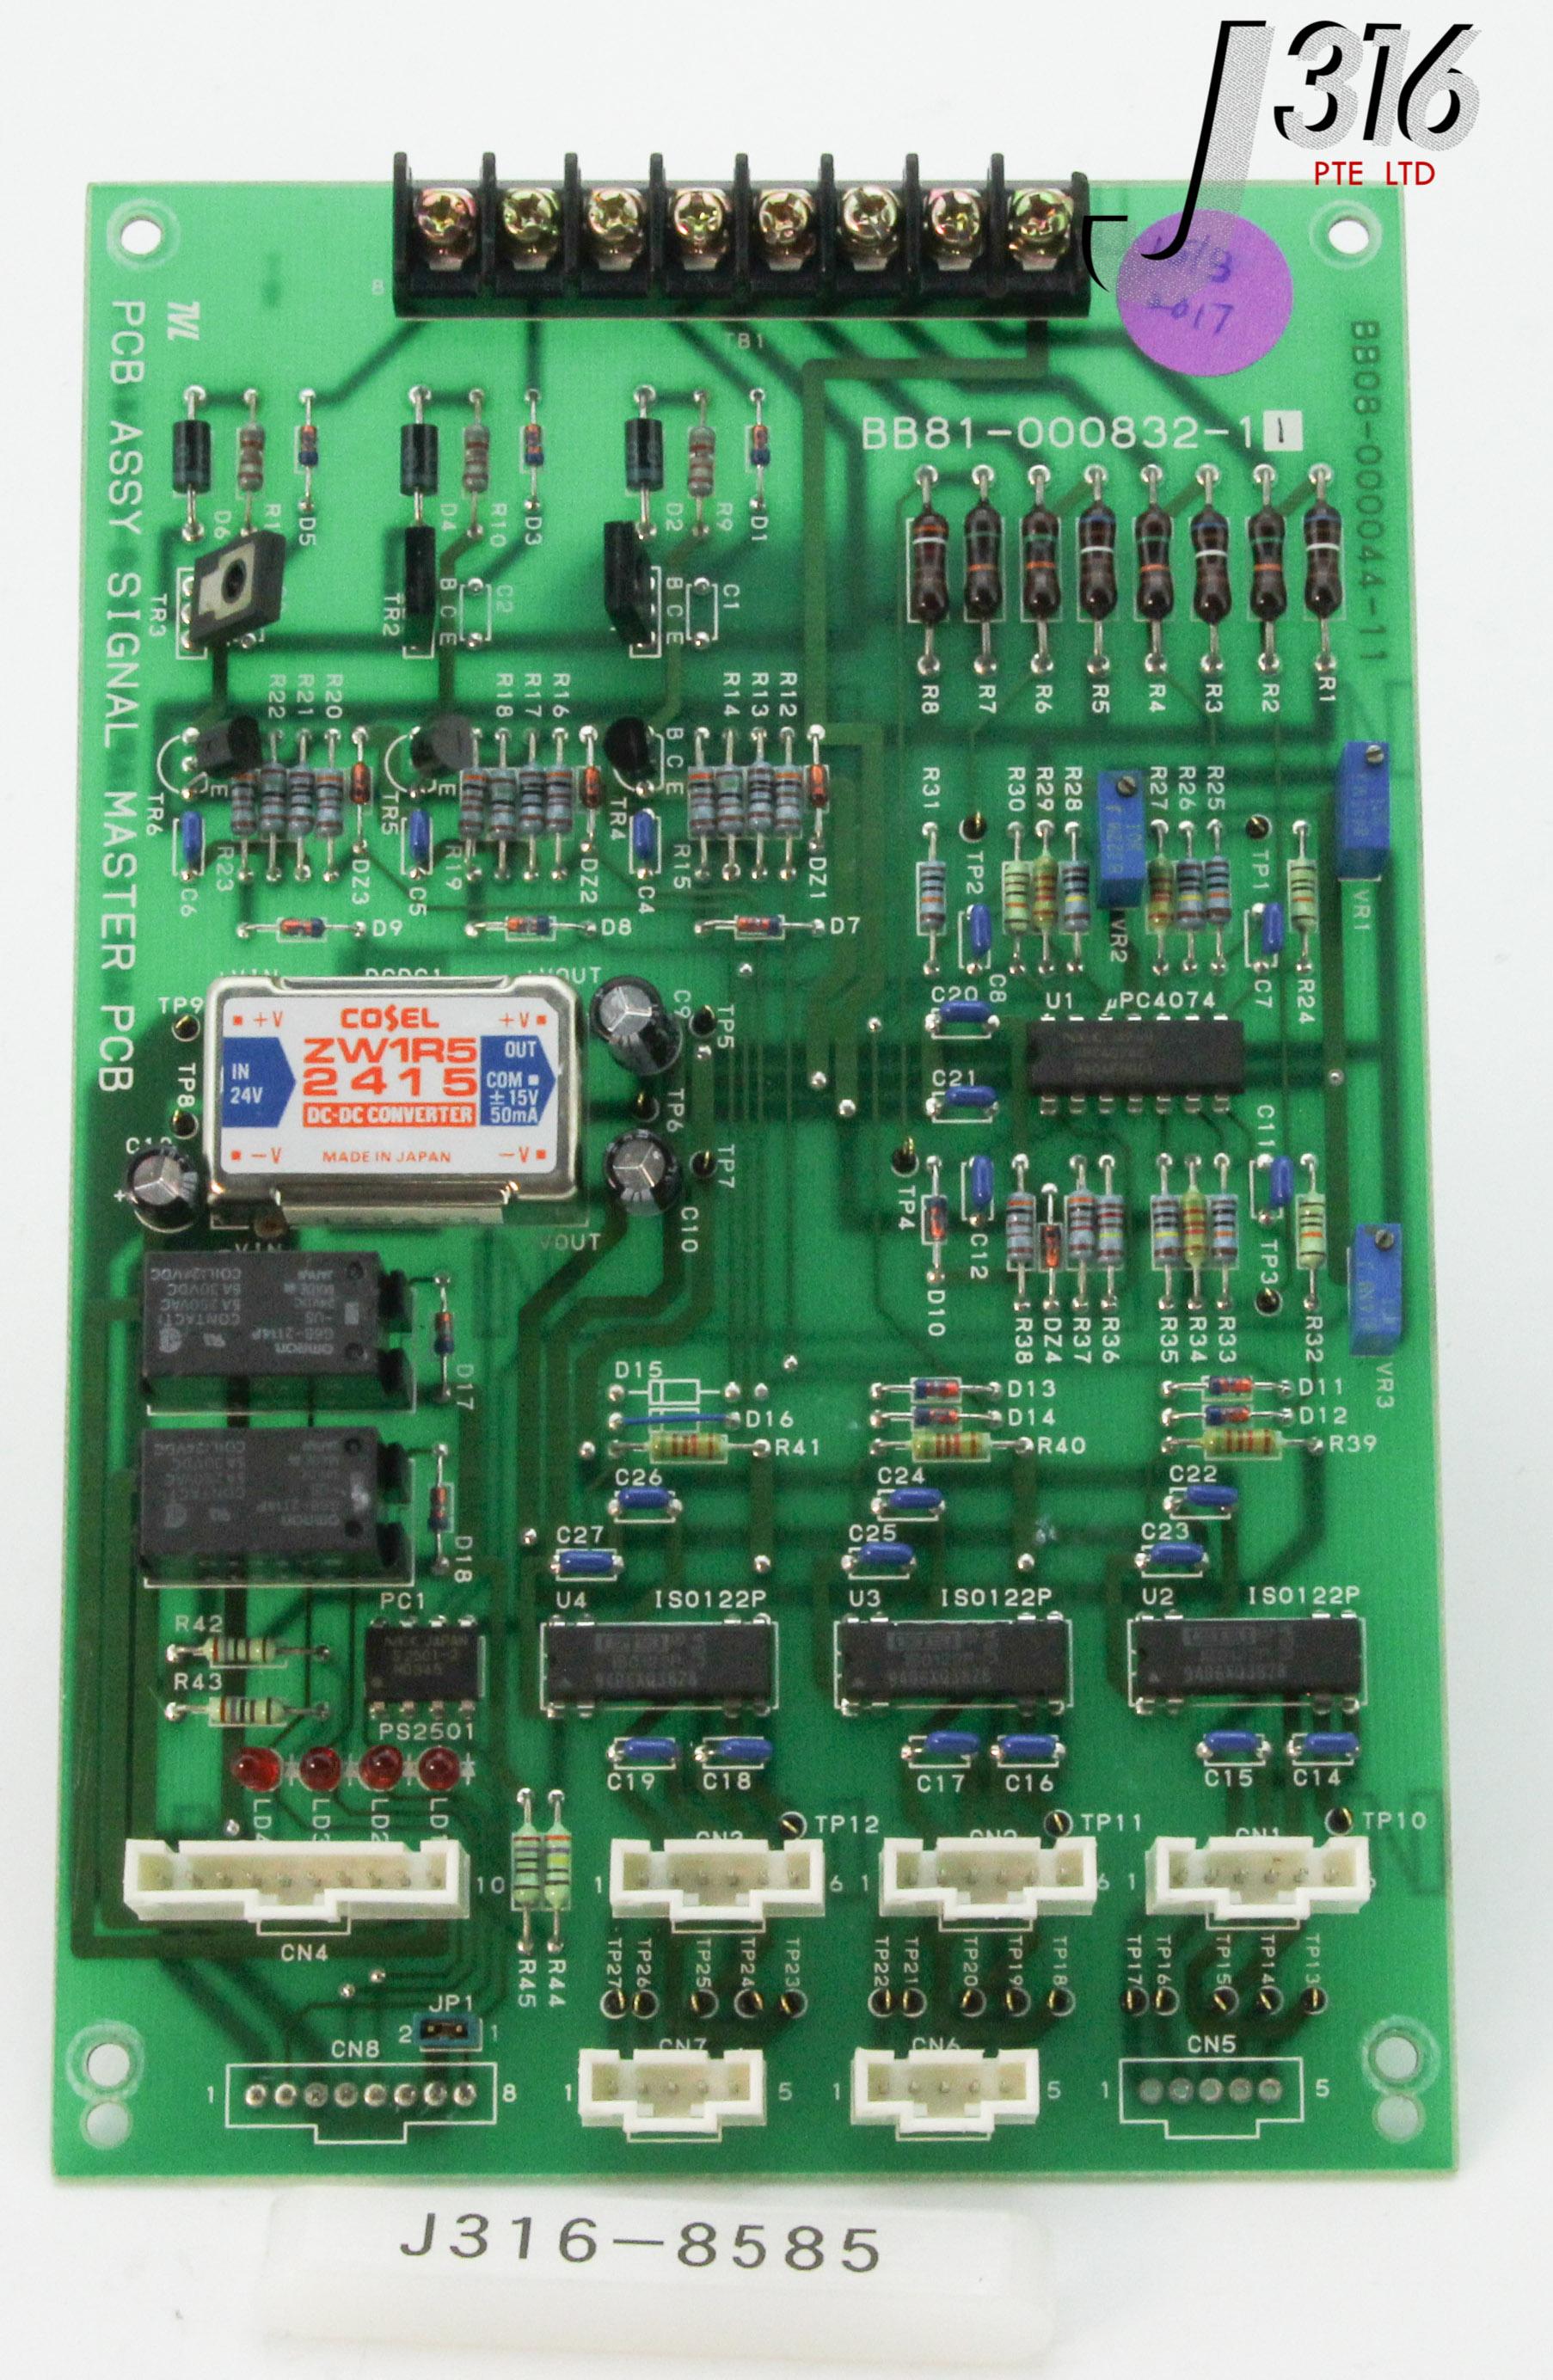 WATER CONTROL QUALITY 02000008 REV E 03000008 BOARD DPC-34-125 LEE LASER?? />